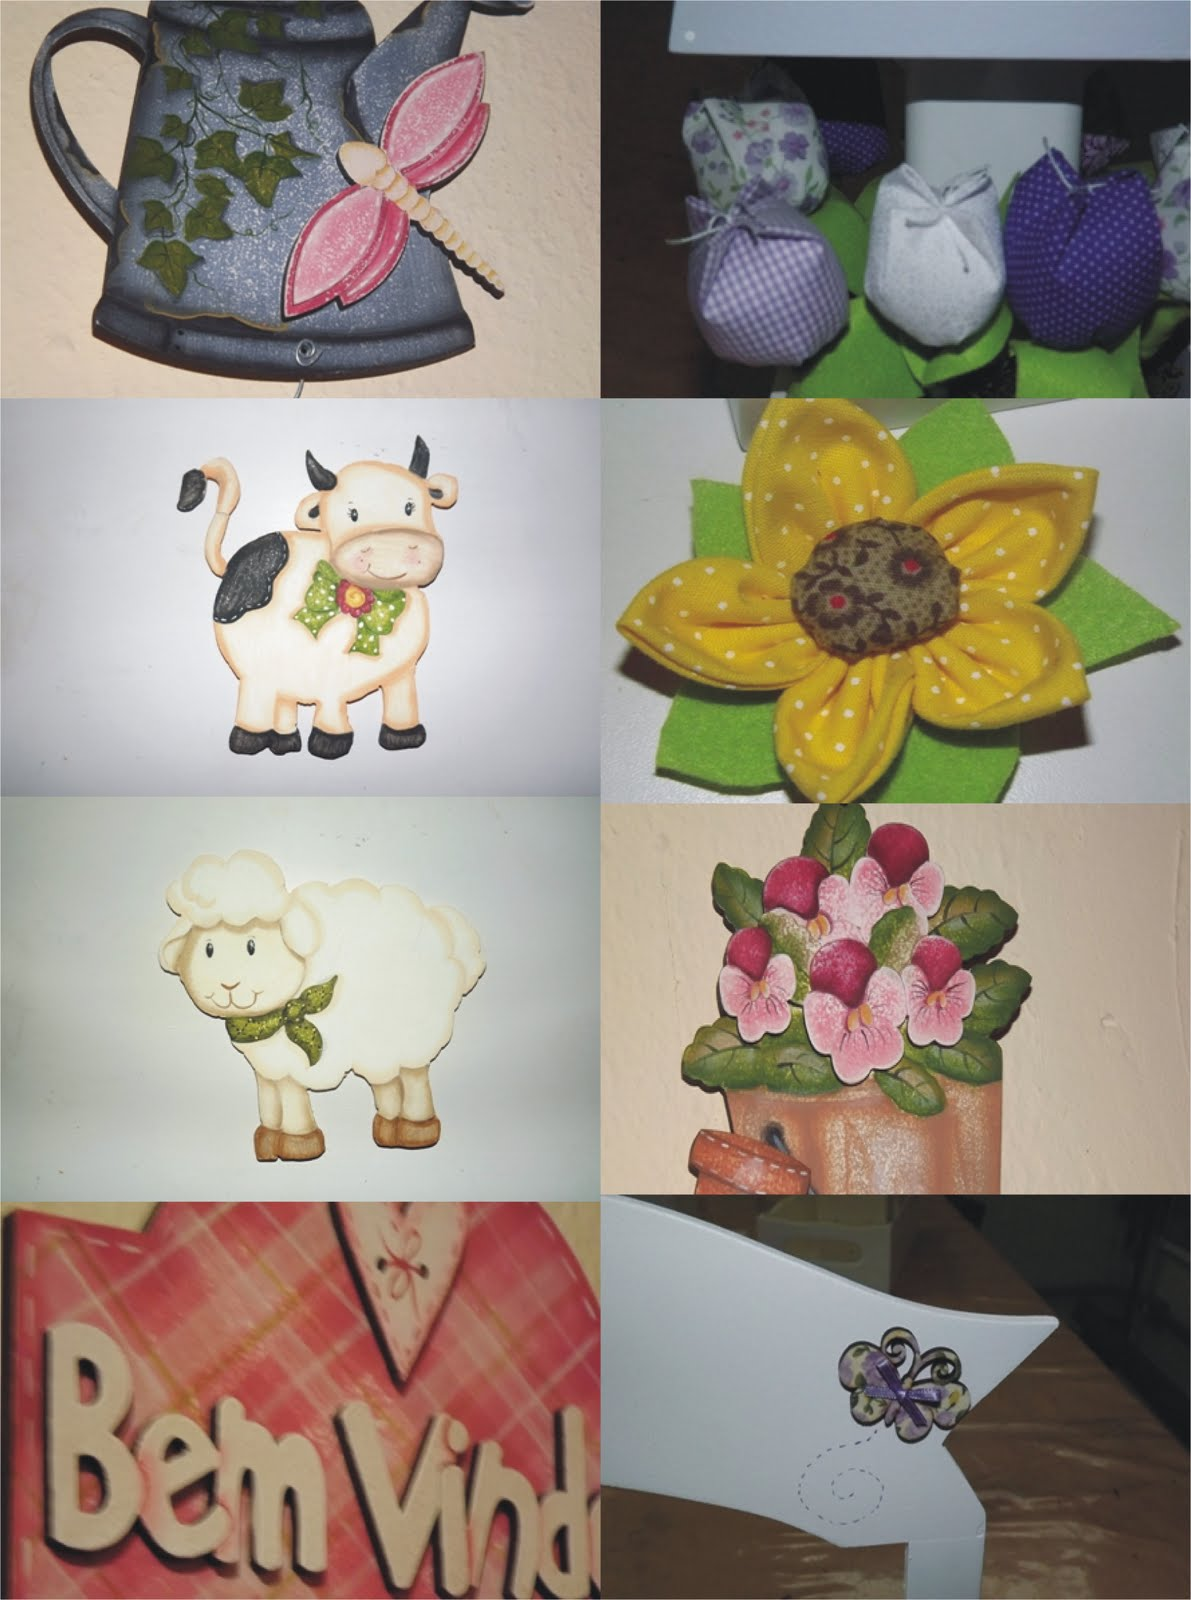 Armario Ingles Traductor ~ Bazar artesanato